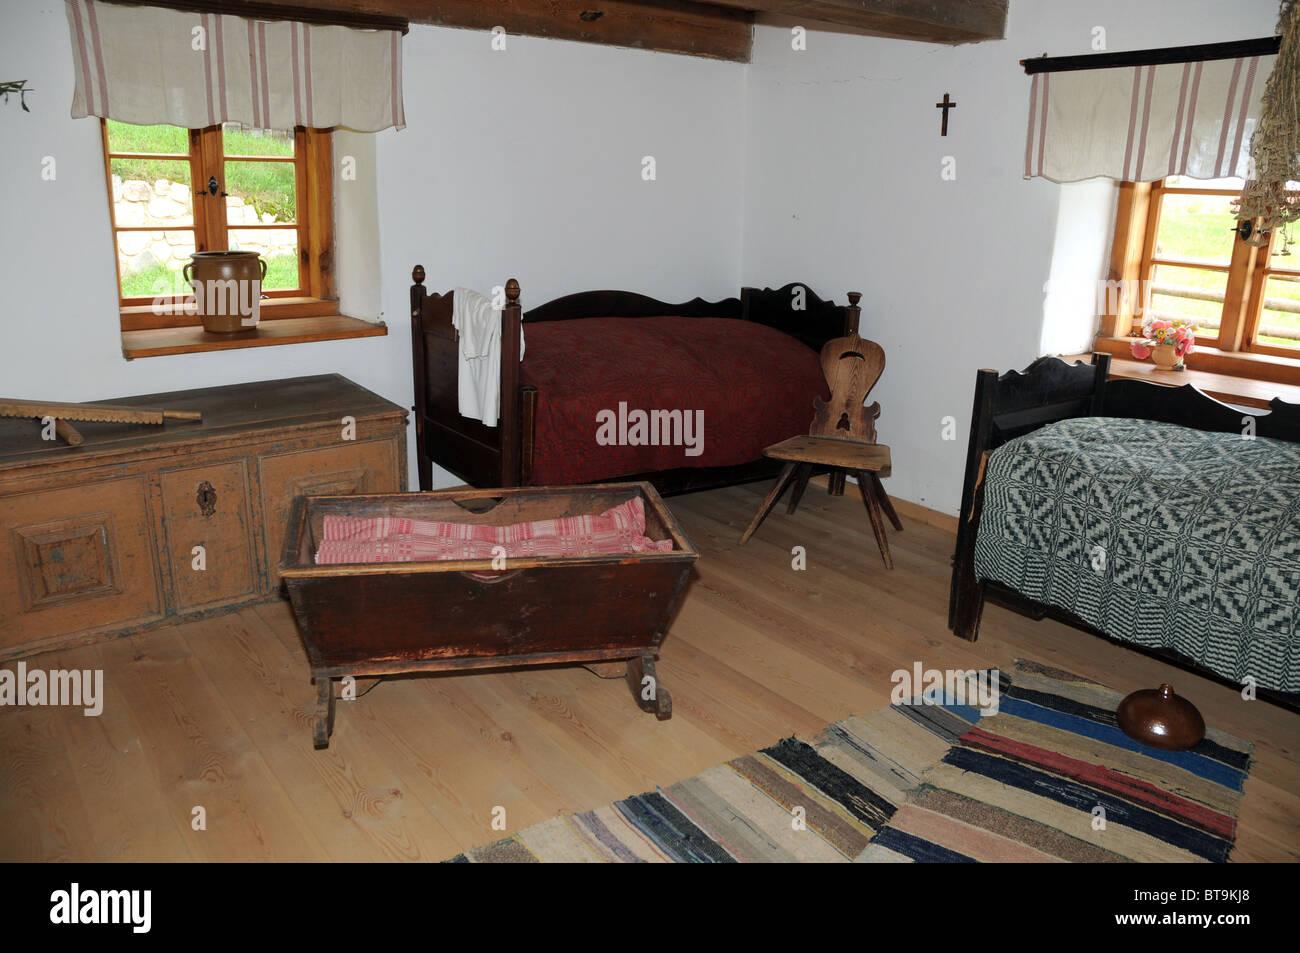 Schlafzimmer in alte Holzhütte, Masuren in Polen Stockfoto, Bild ...